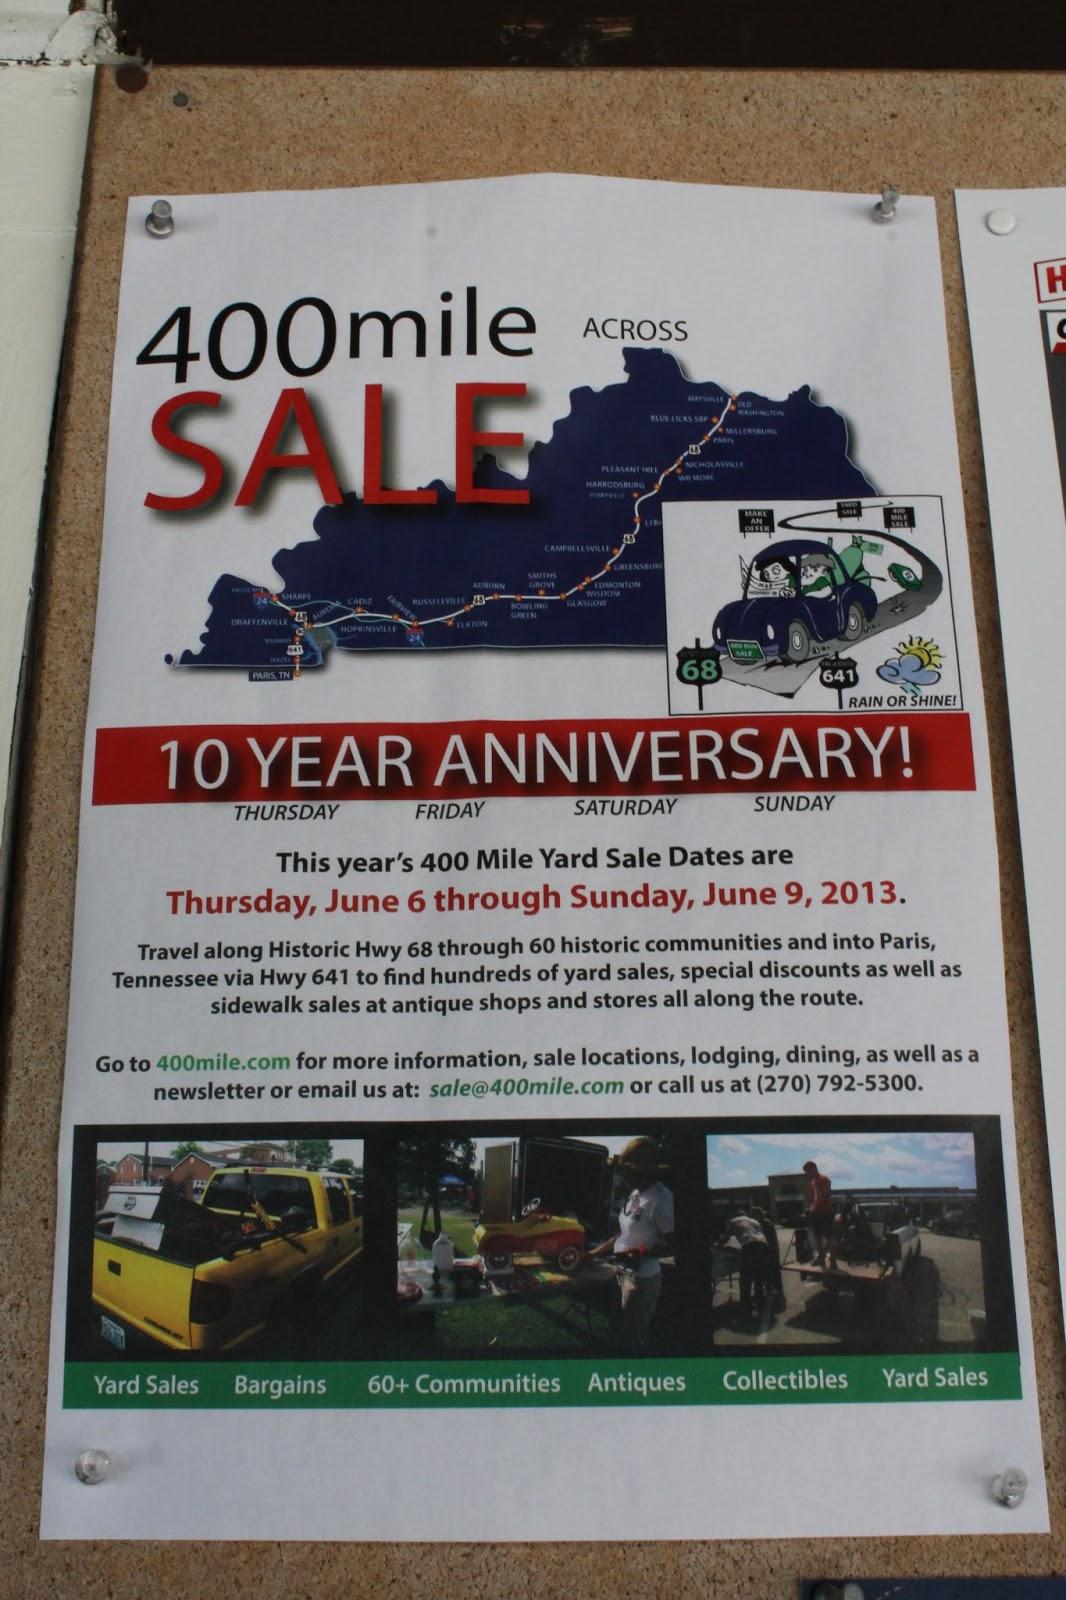 Snug Harbor Bay: Kentucky 400 Mile Yard Sale